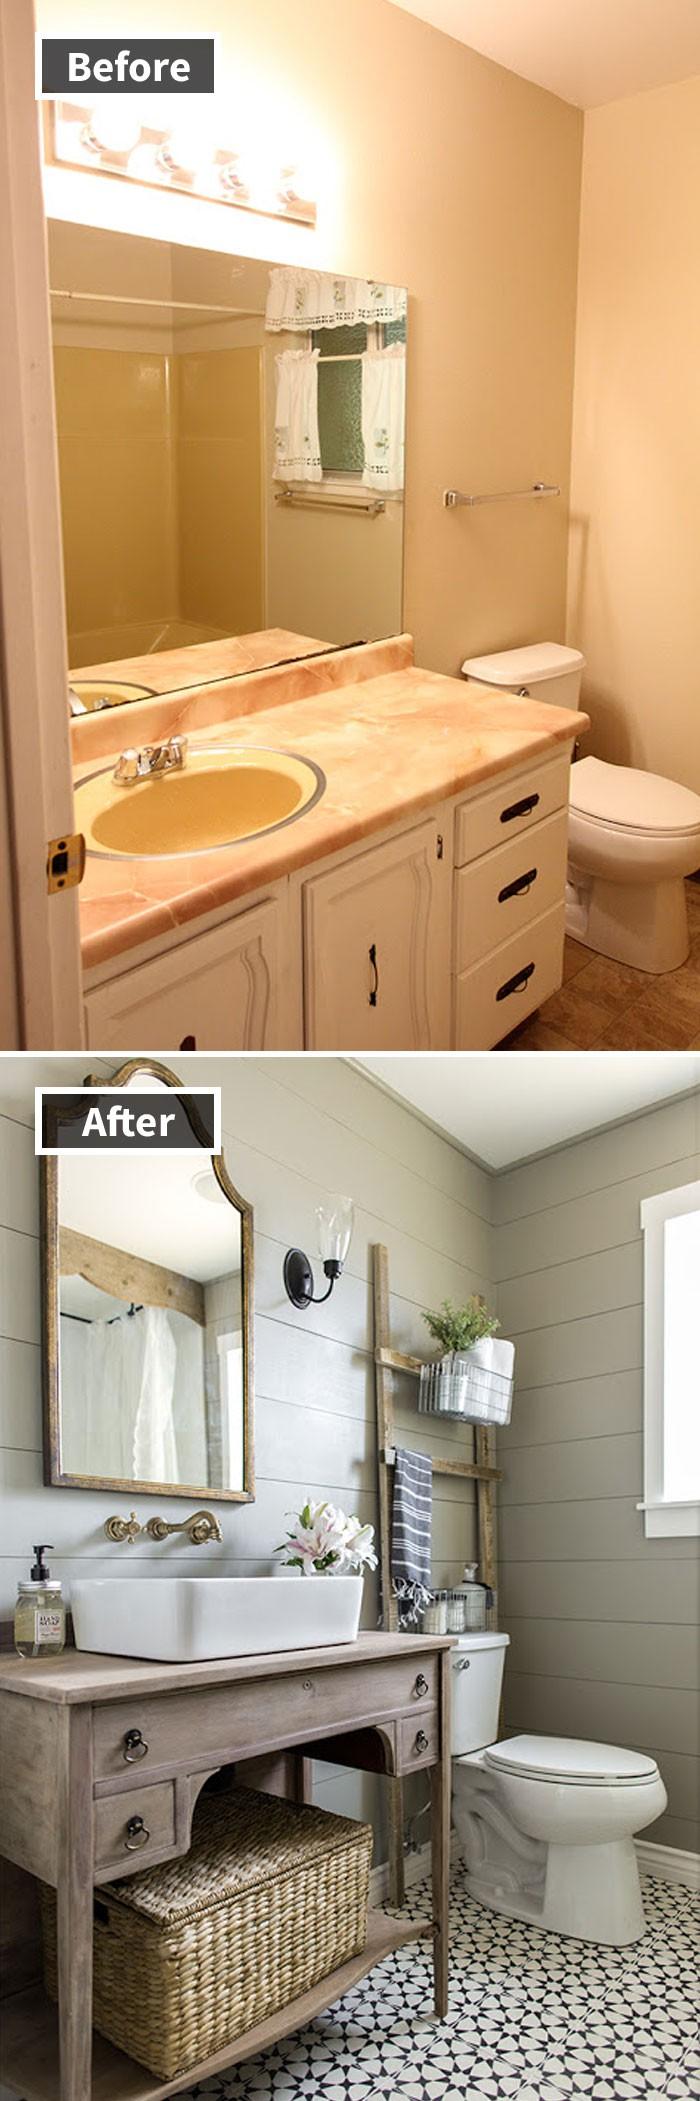 Những hình ảnh trước và sau khi phòng cũ được phù phép thành phòng mới khiến quý khách chẳng thể tin vào mắt mình - Ảnh 4.